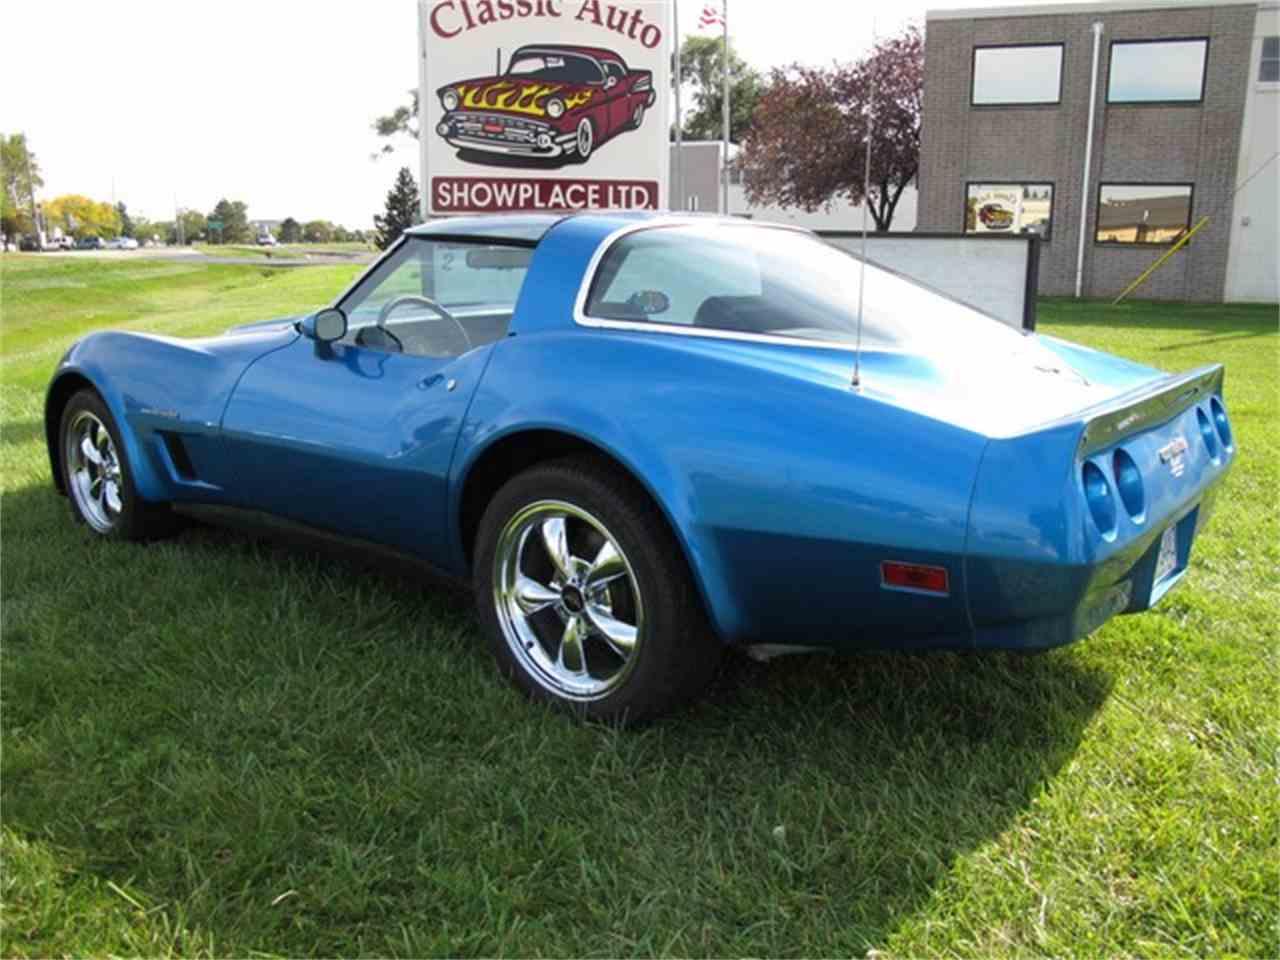 Large Picture of 1982 Corvette located in Michigan - $8,250.00 - JPQD